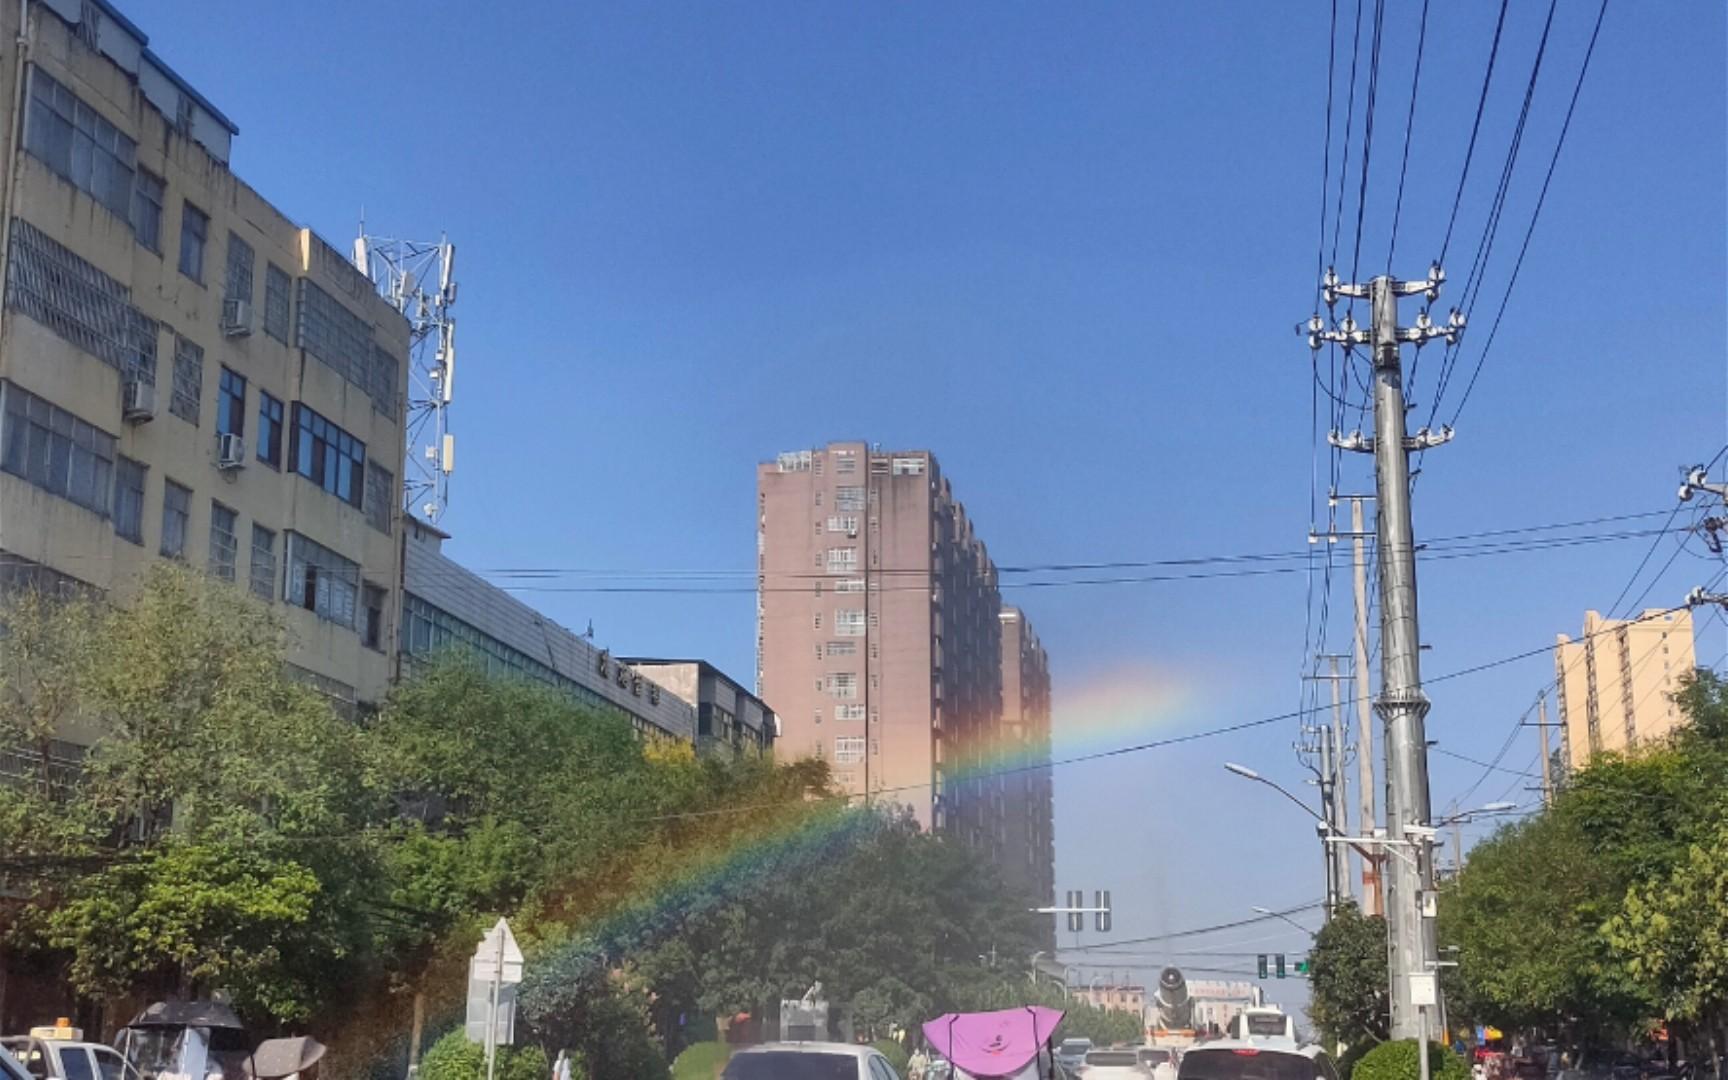 8.31早上出门跟在彩虹